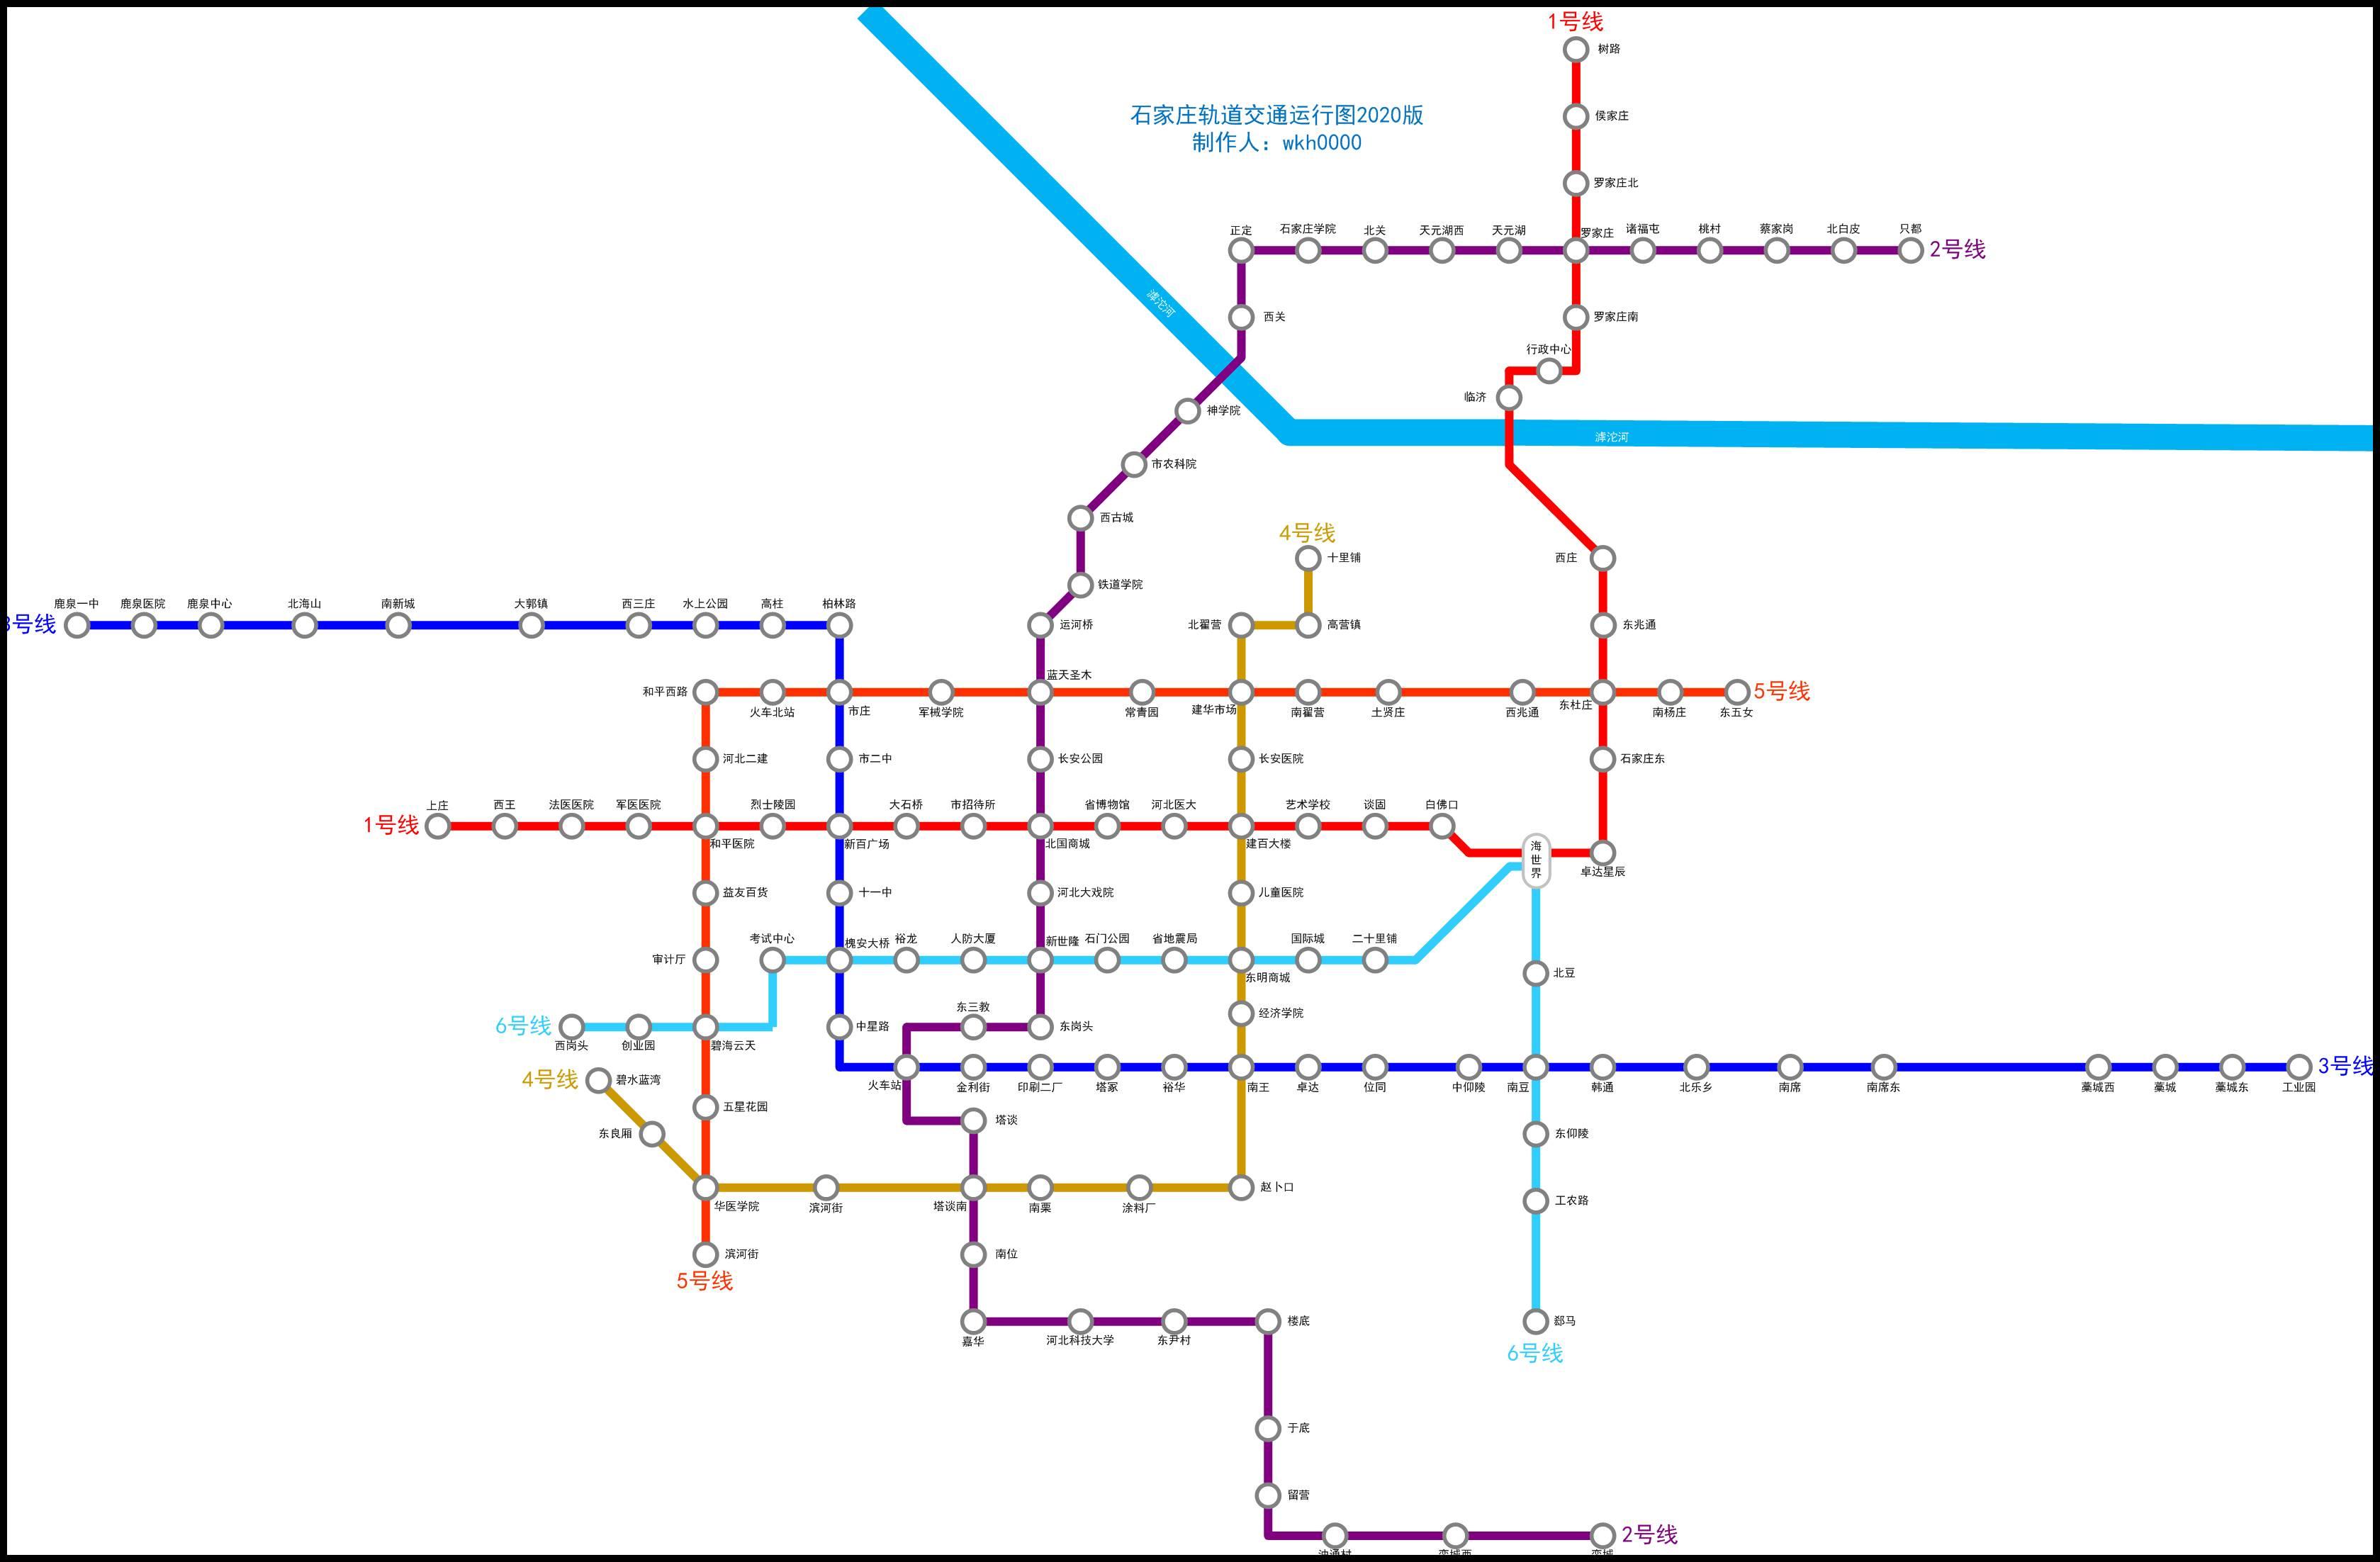 石家庄市区新增3条地铁线路